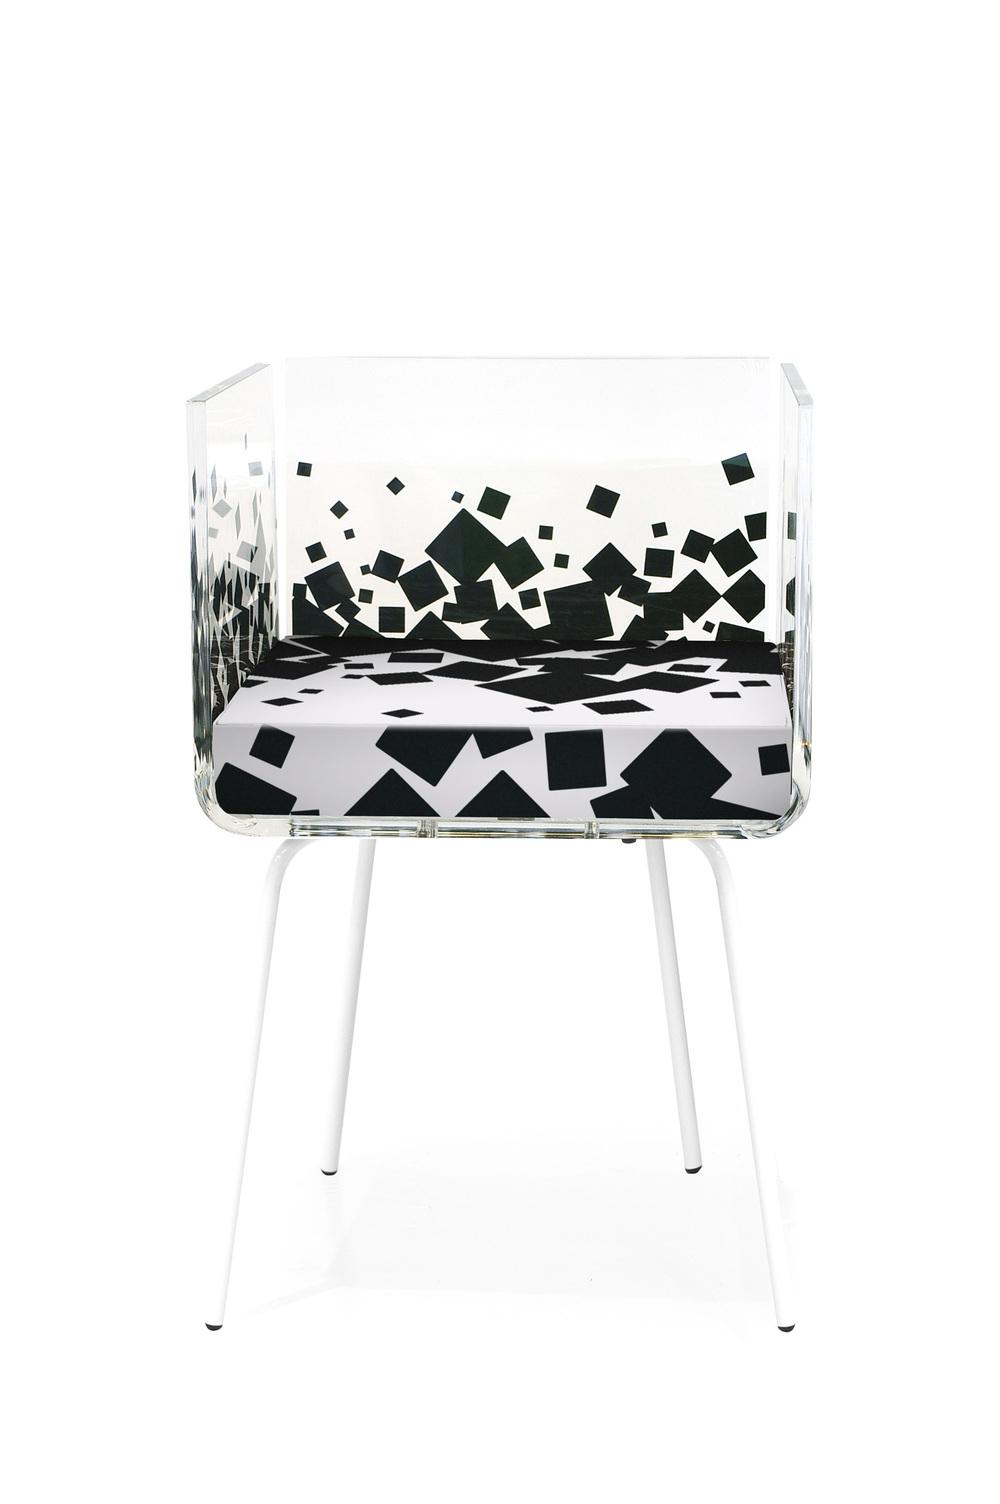 fauteuil cali carre noir PM blanc.jpg